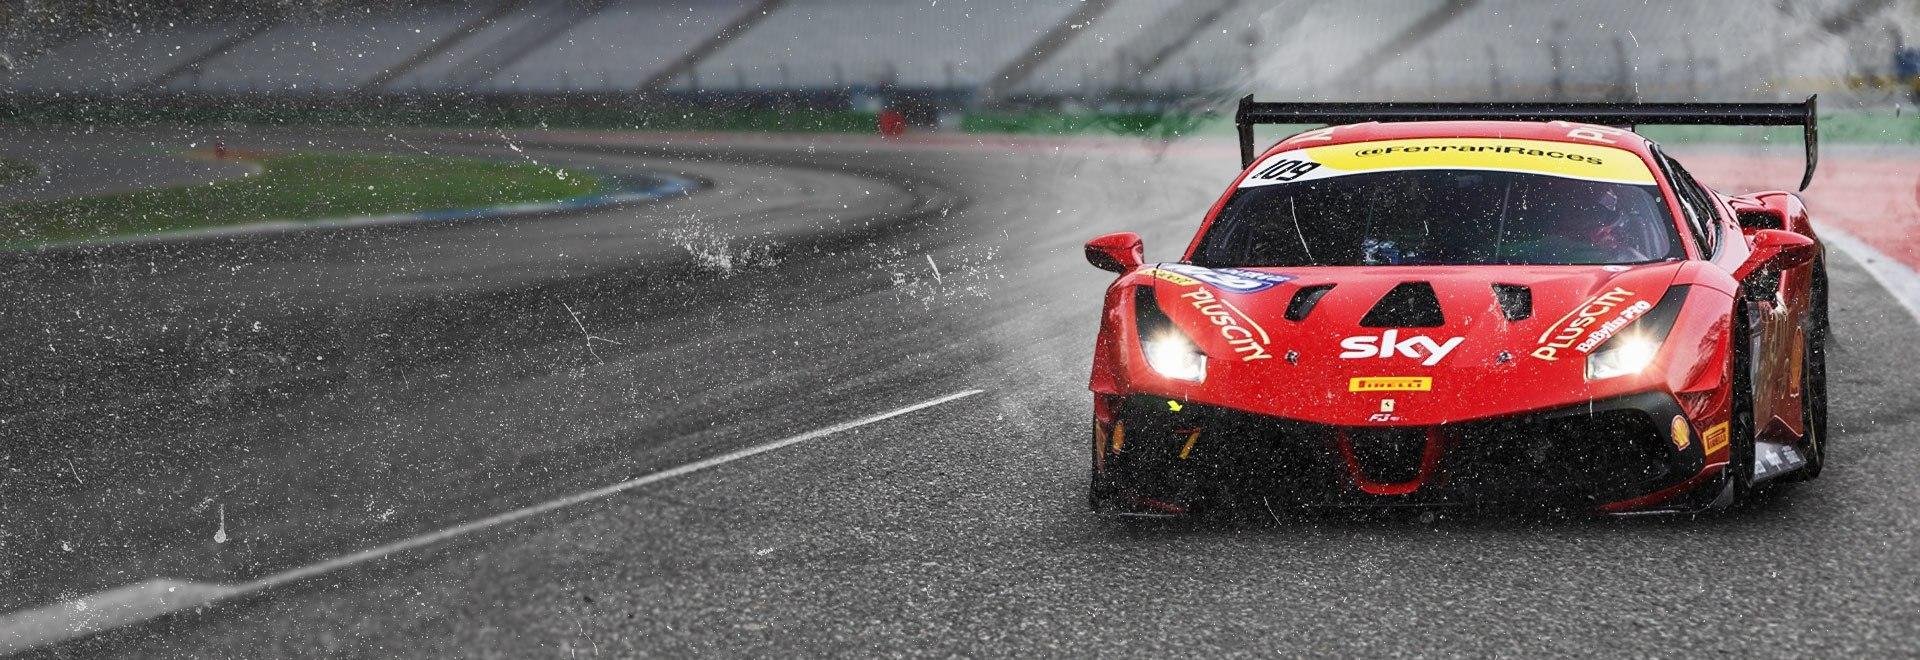 Trofeo Pirelli Monza